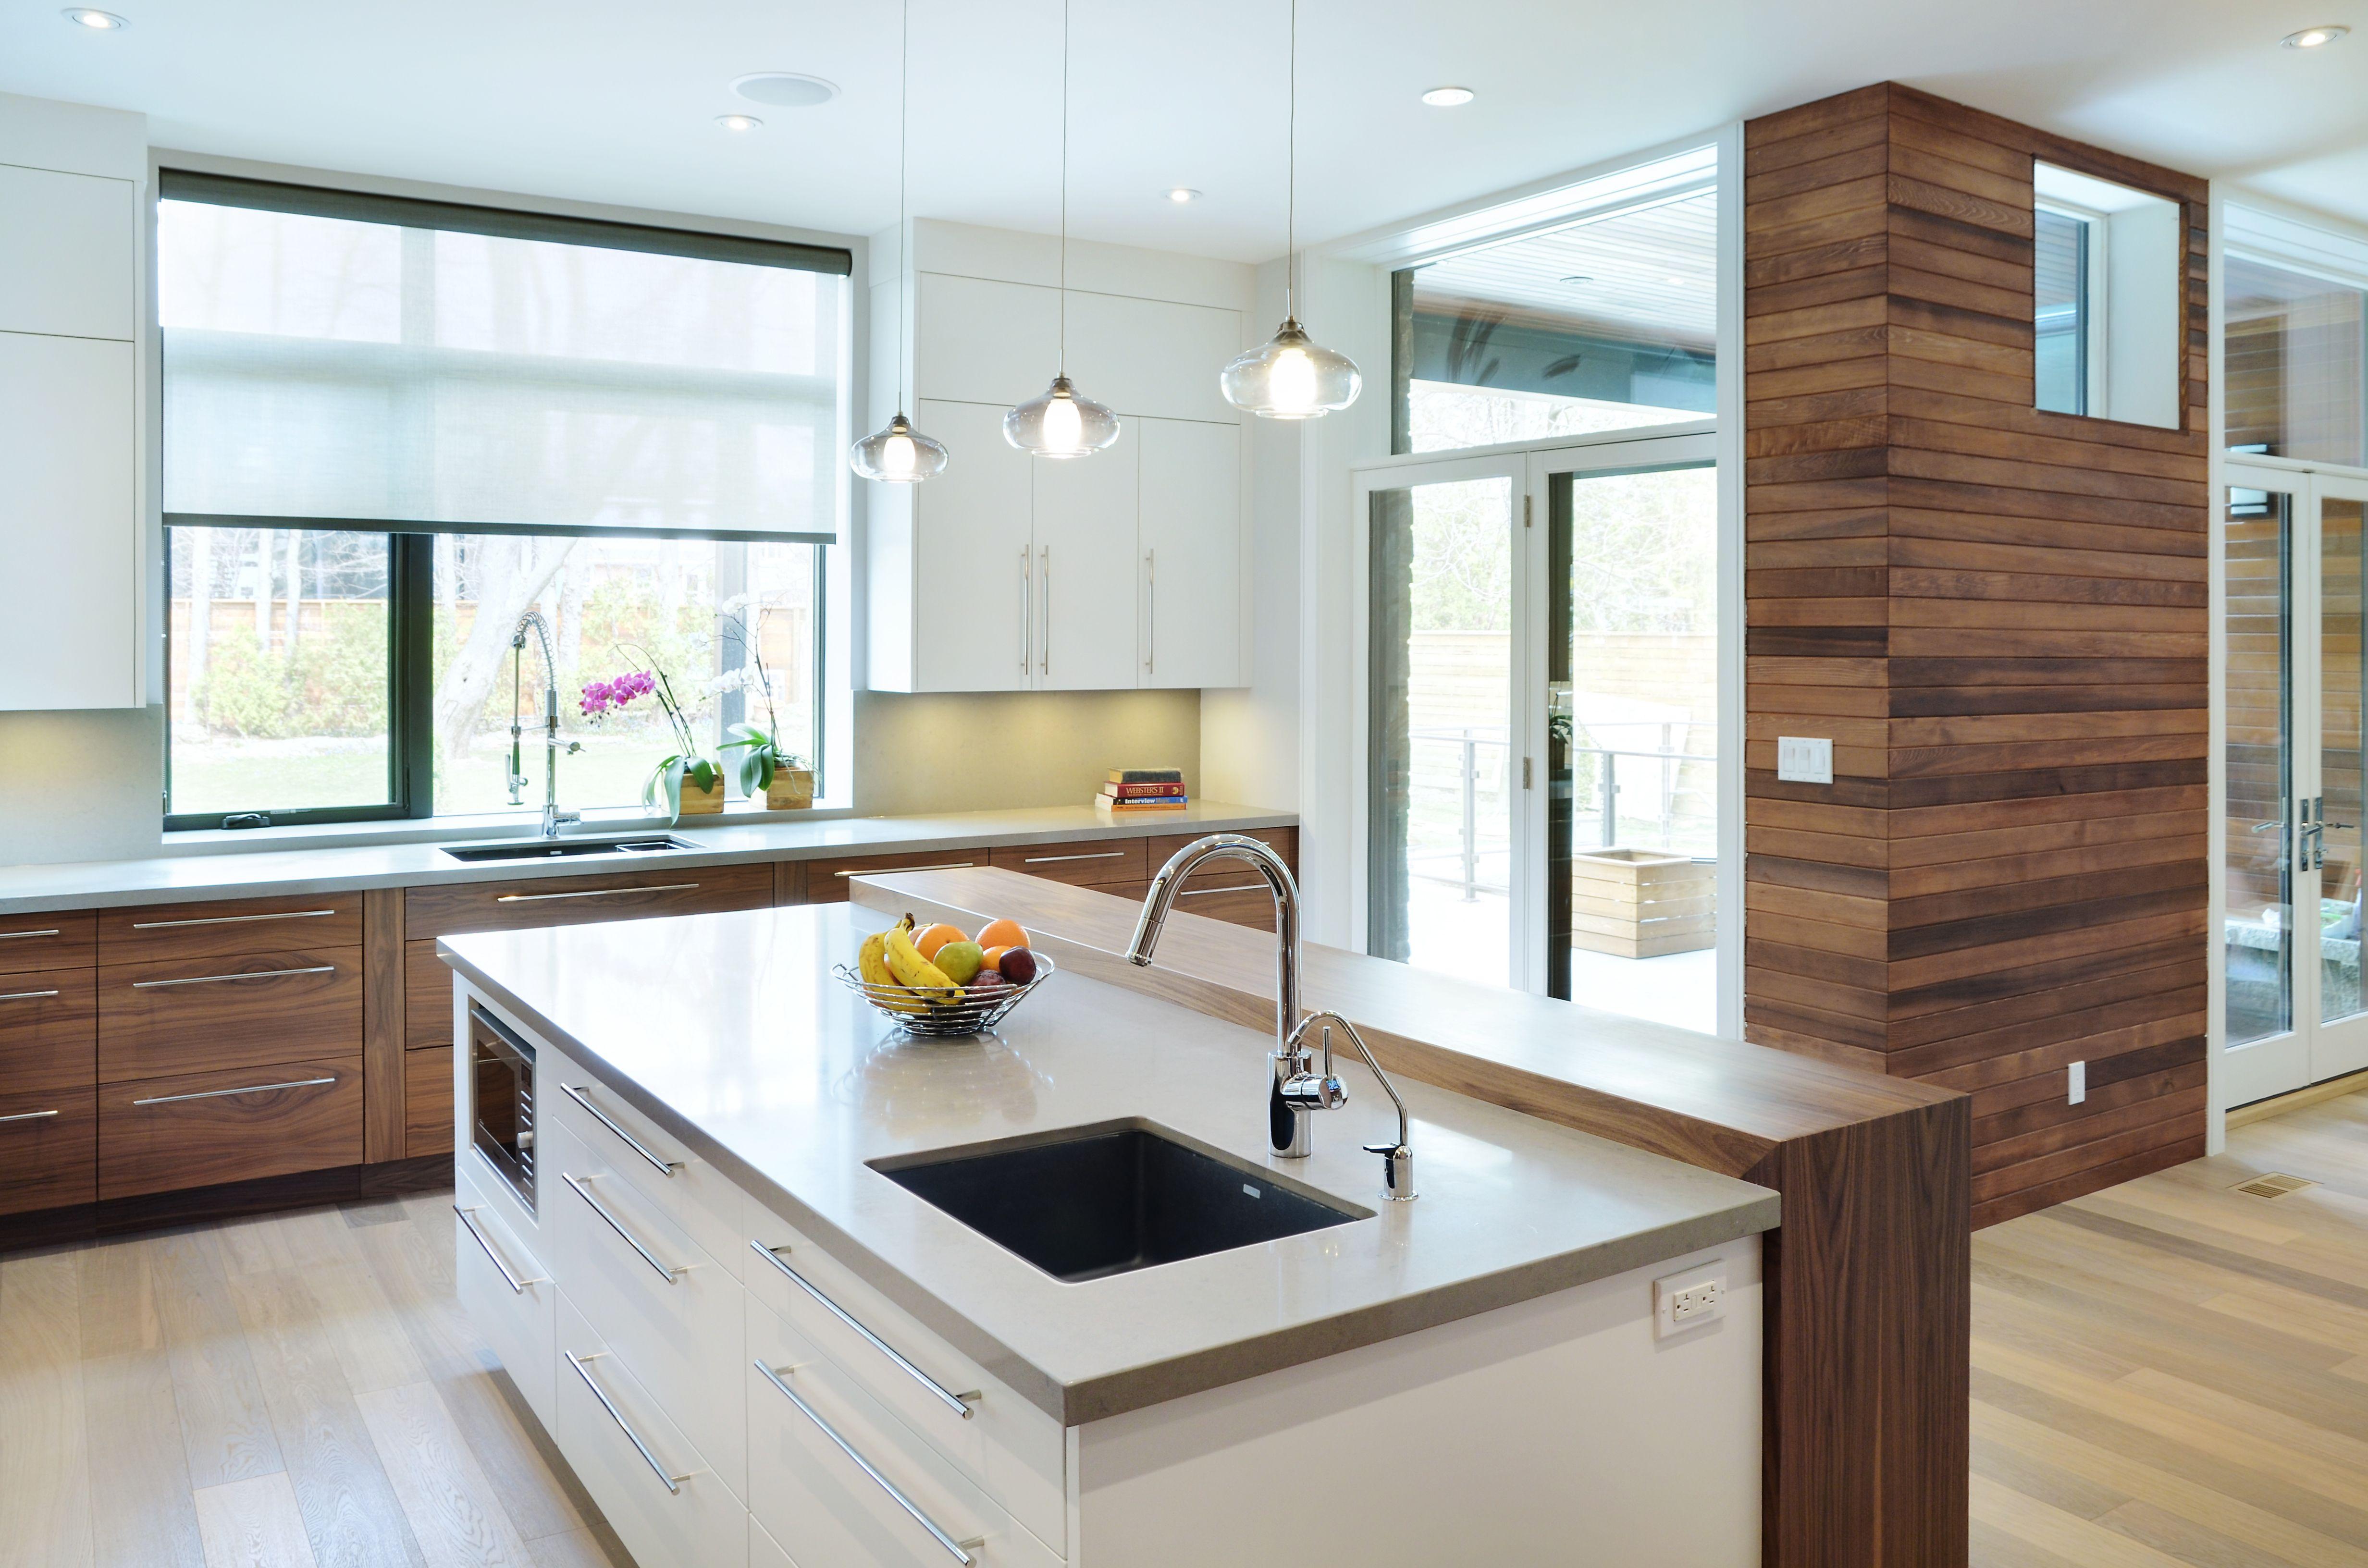 STAINED Slab style horizontal walnut veneer